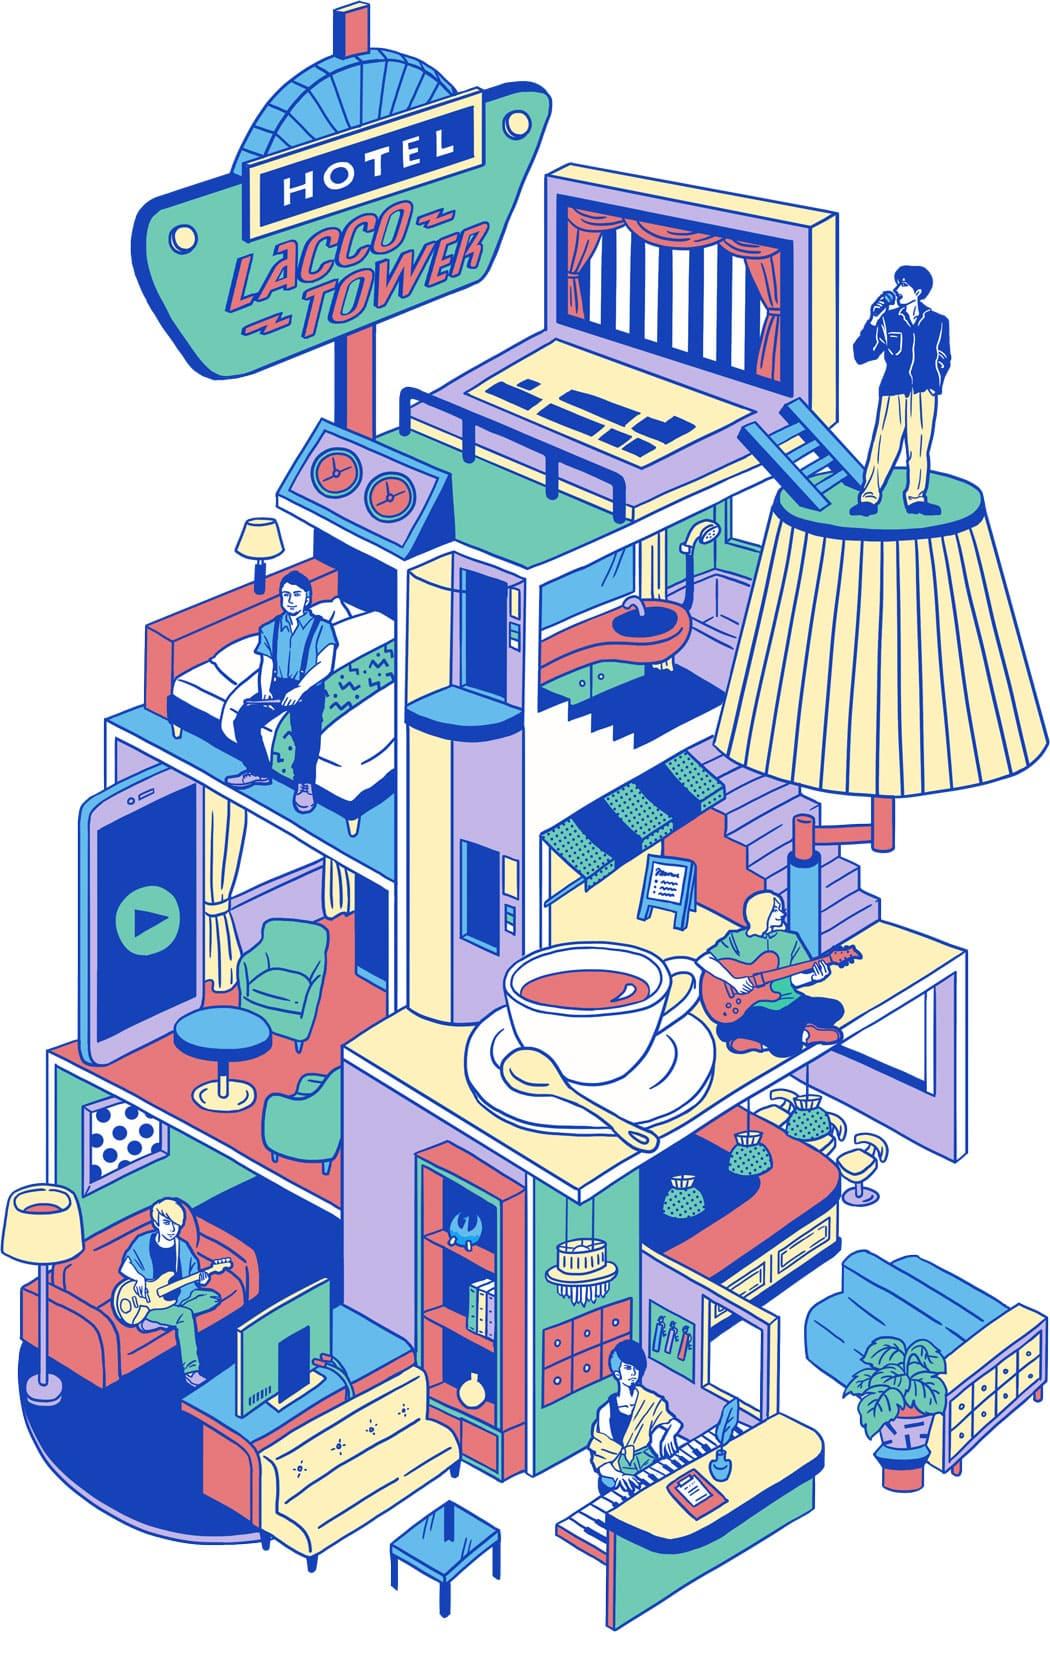 新企画発足!「HOTEL LACCO TOWER(ホテルラッコタワー)」開催決定!!